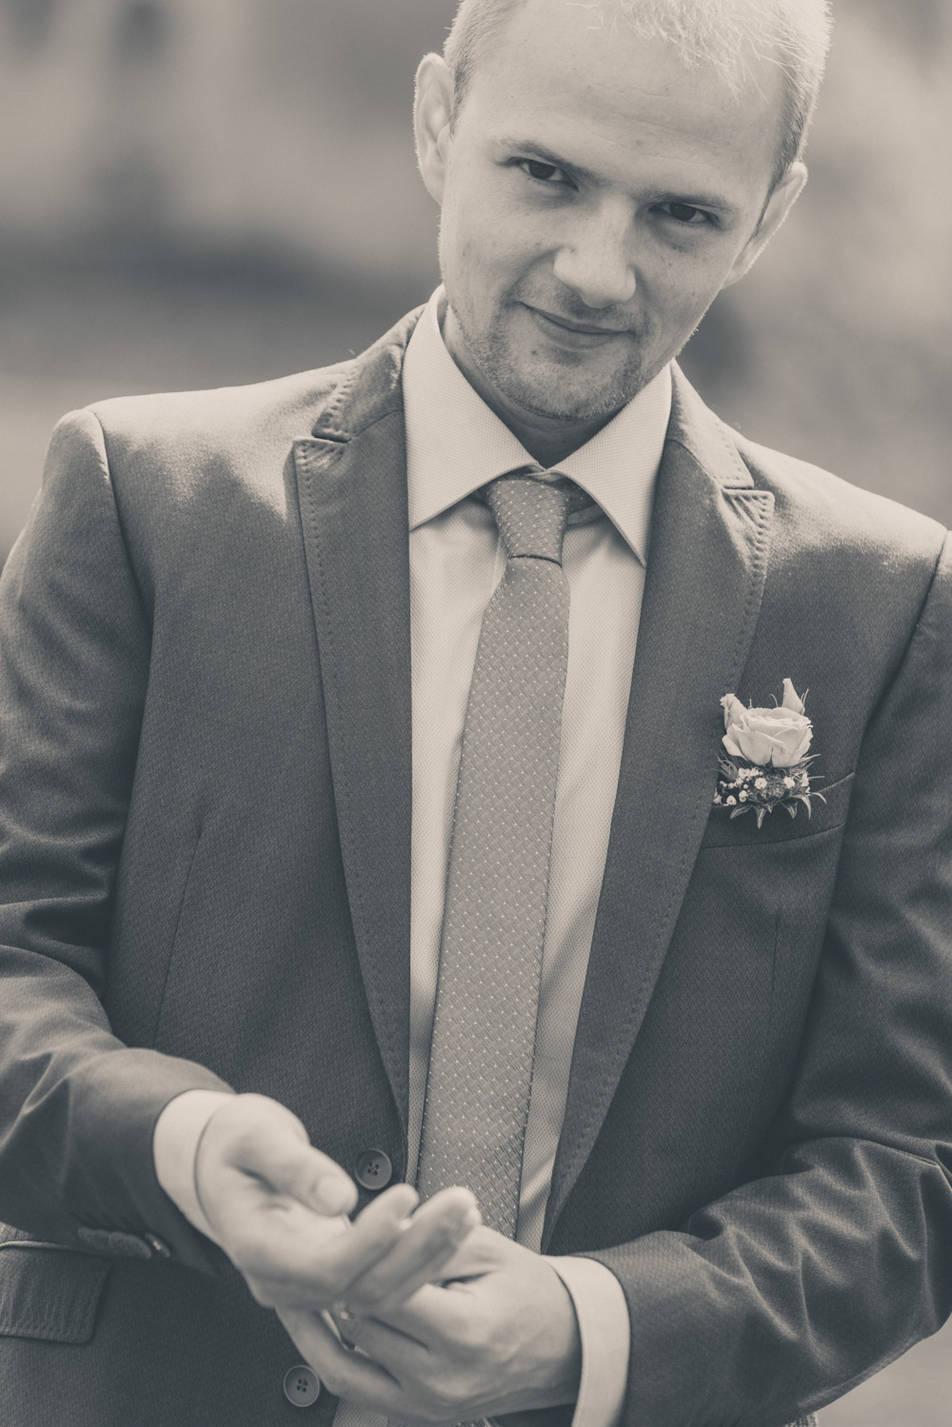 009-PhotoArt_Hochzeit.jpg